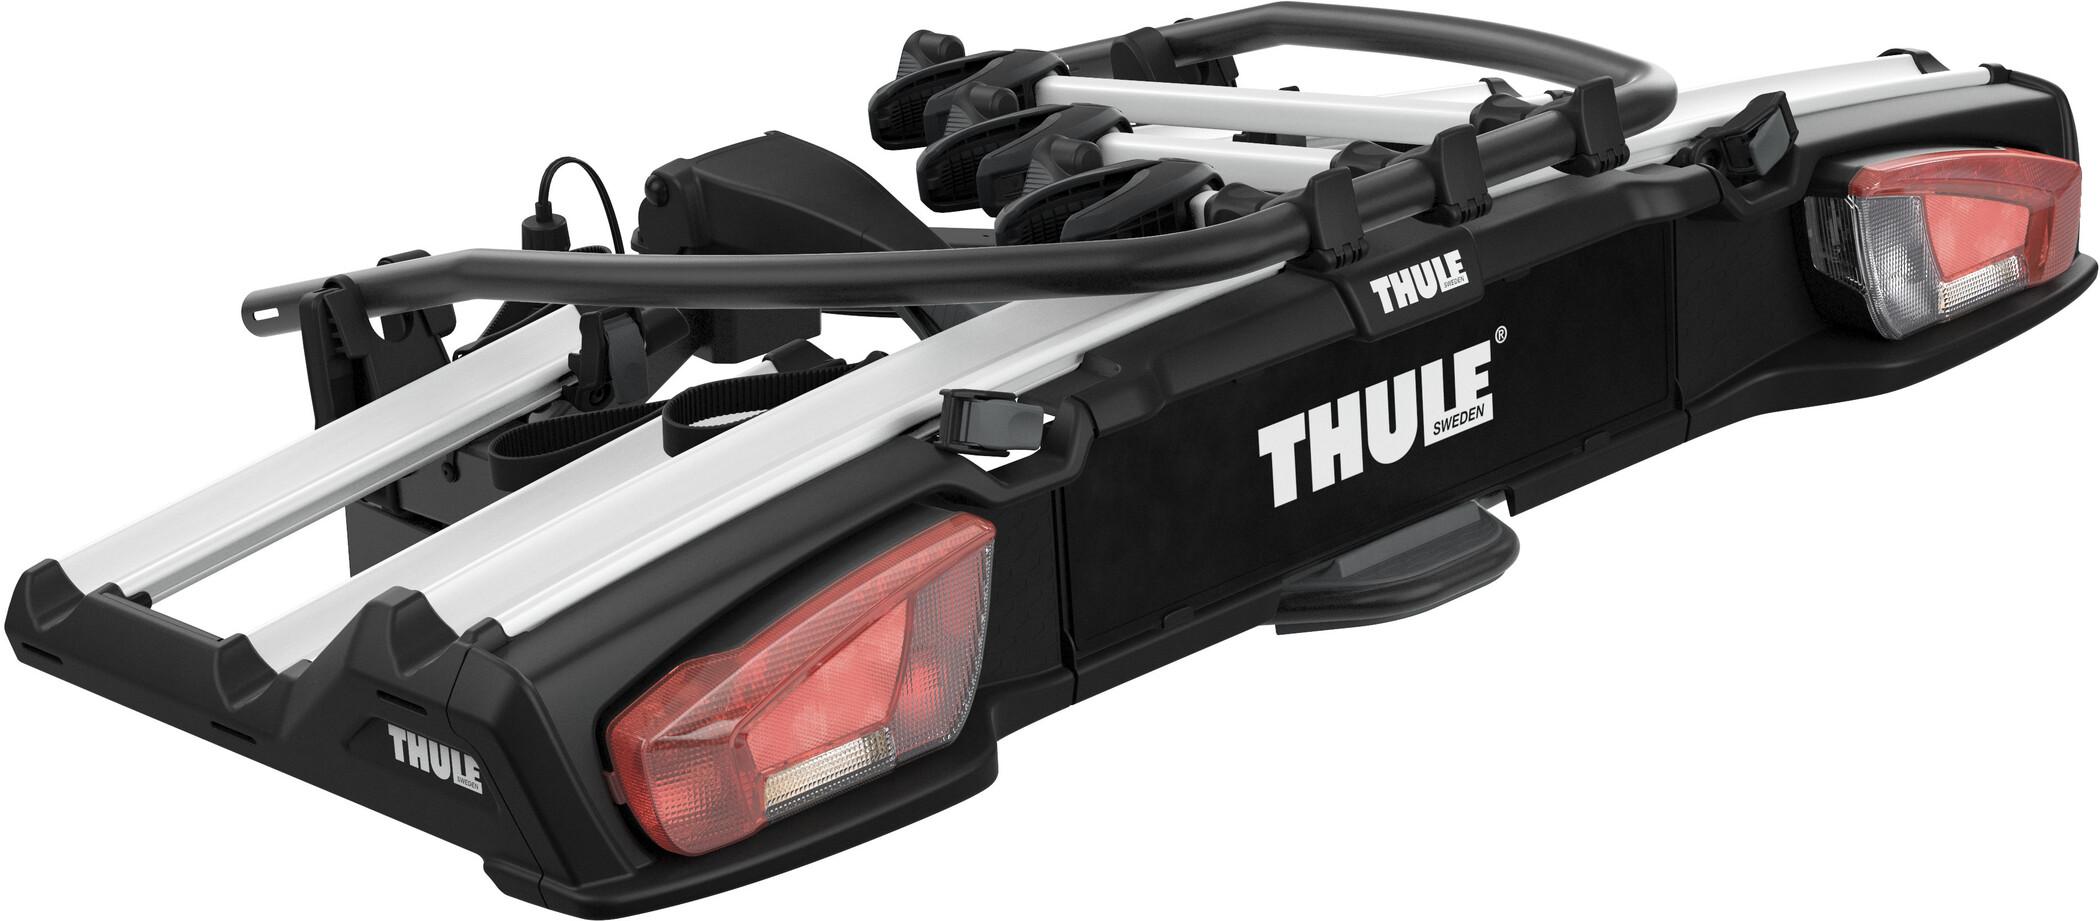 Thule VeloSpace XT Cykelholder til 3 cykler | Cykelholder til bil